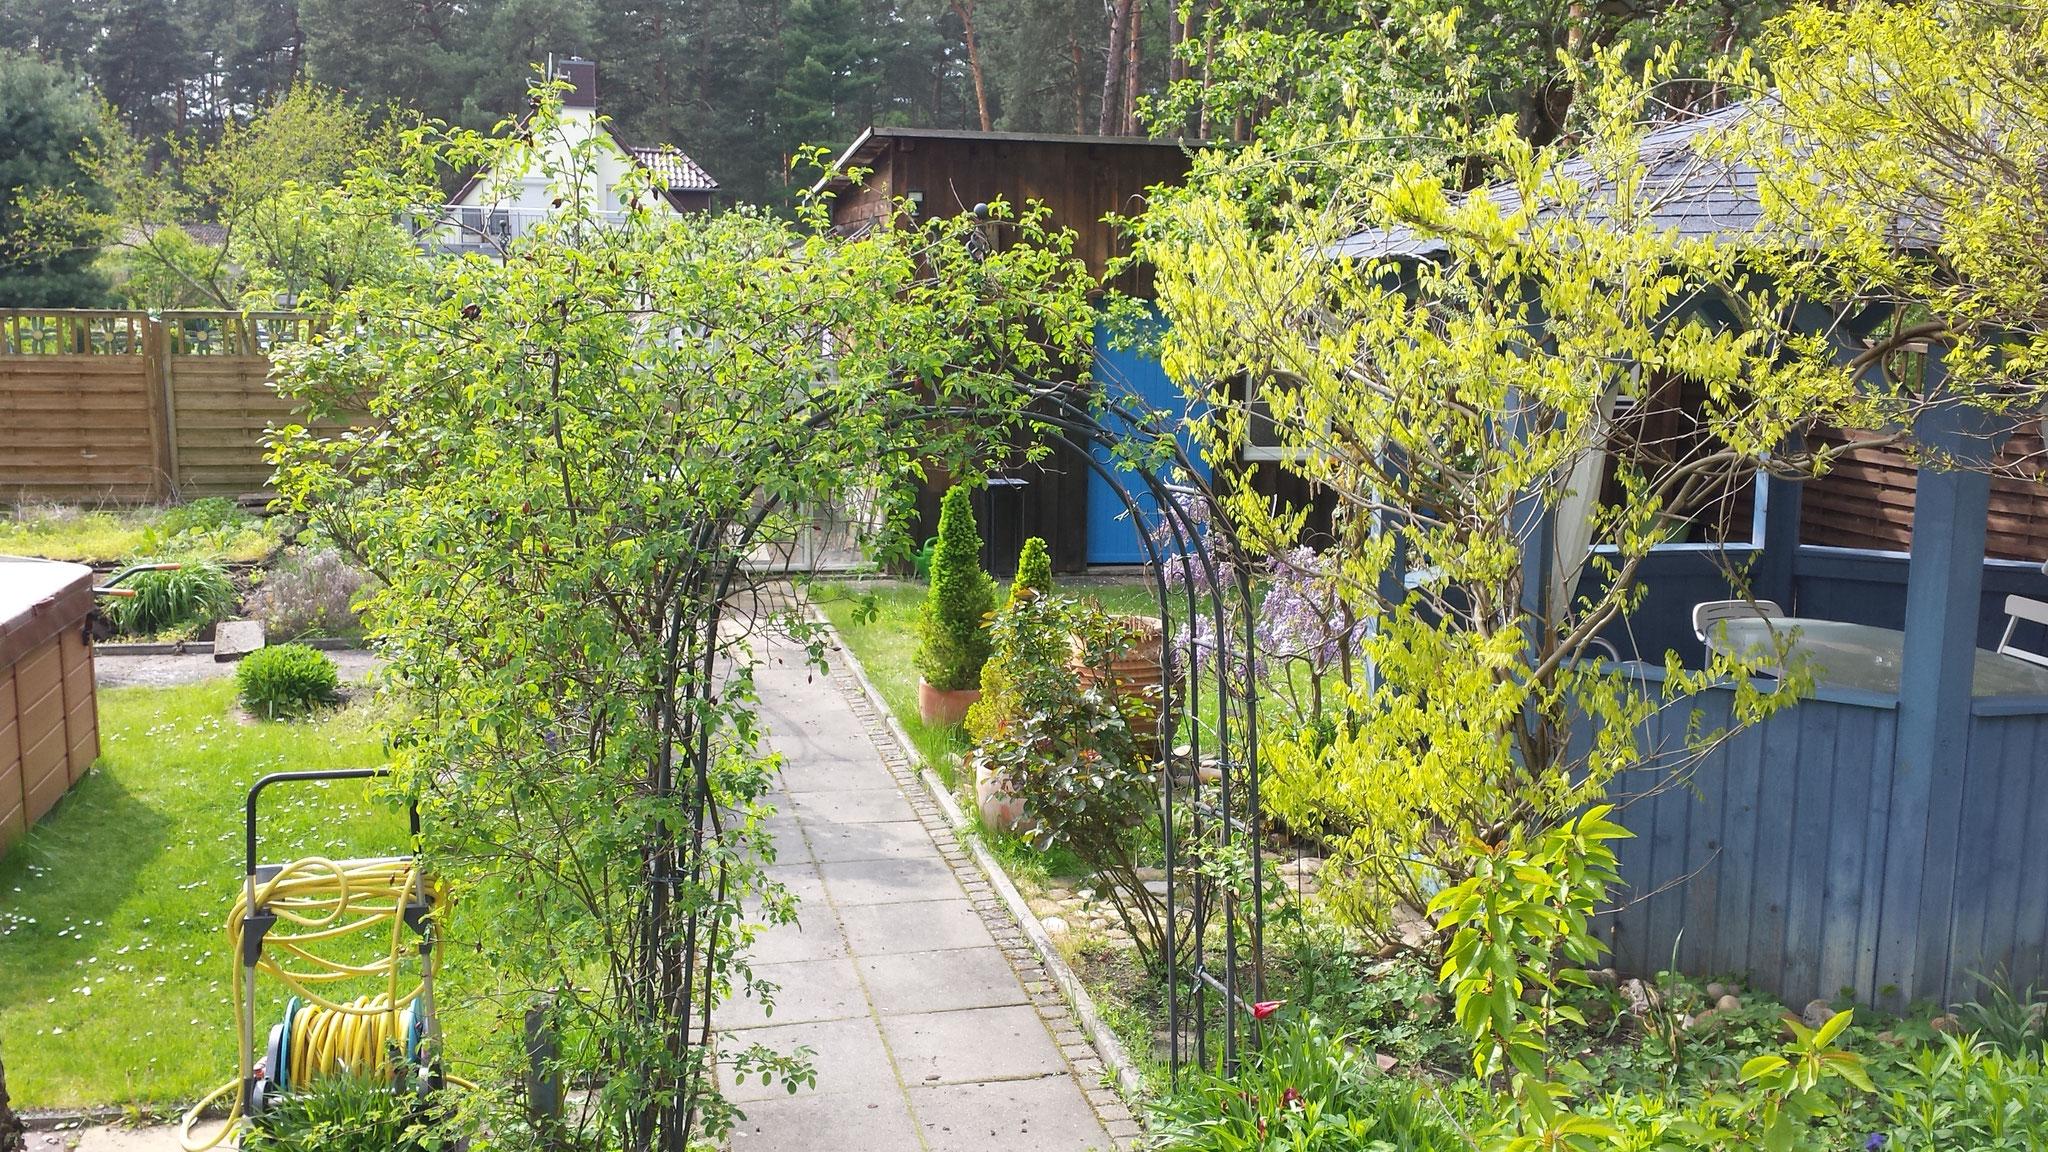 Kräuter aus dem vorherigen Garten zu erhalten und eine großflächige Rasenfläche entstehen zu lassen.